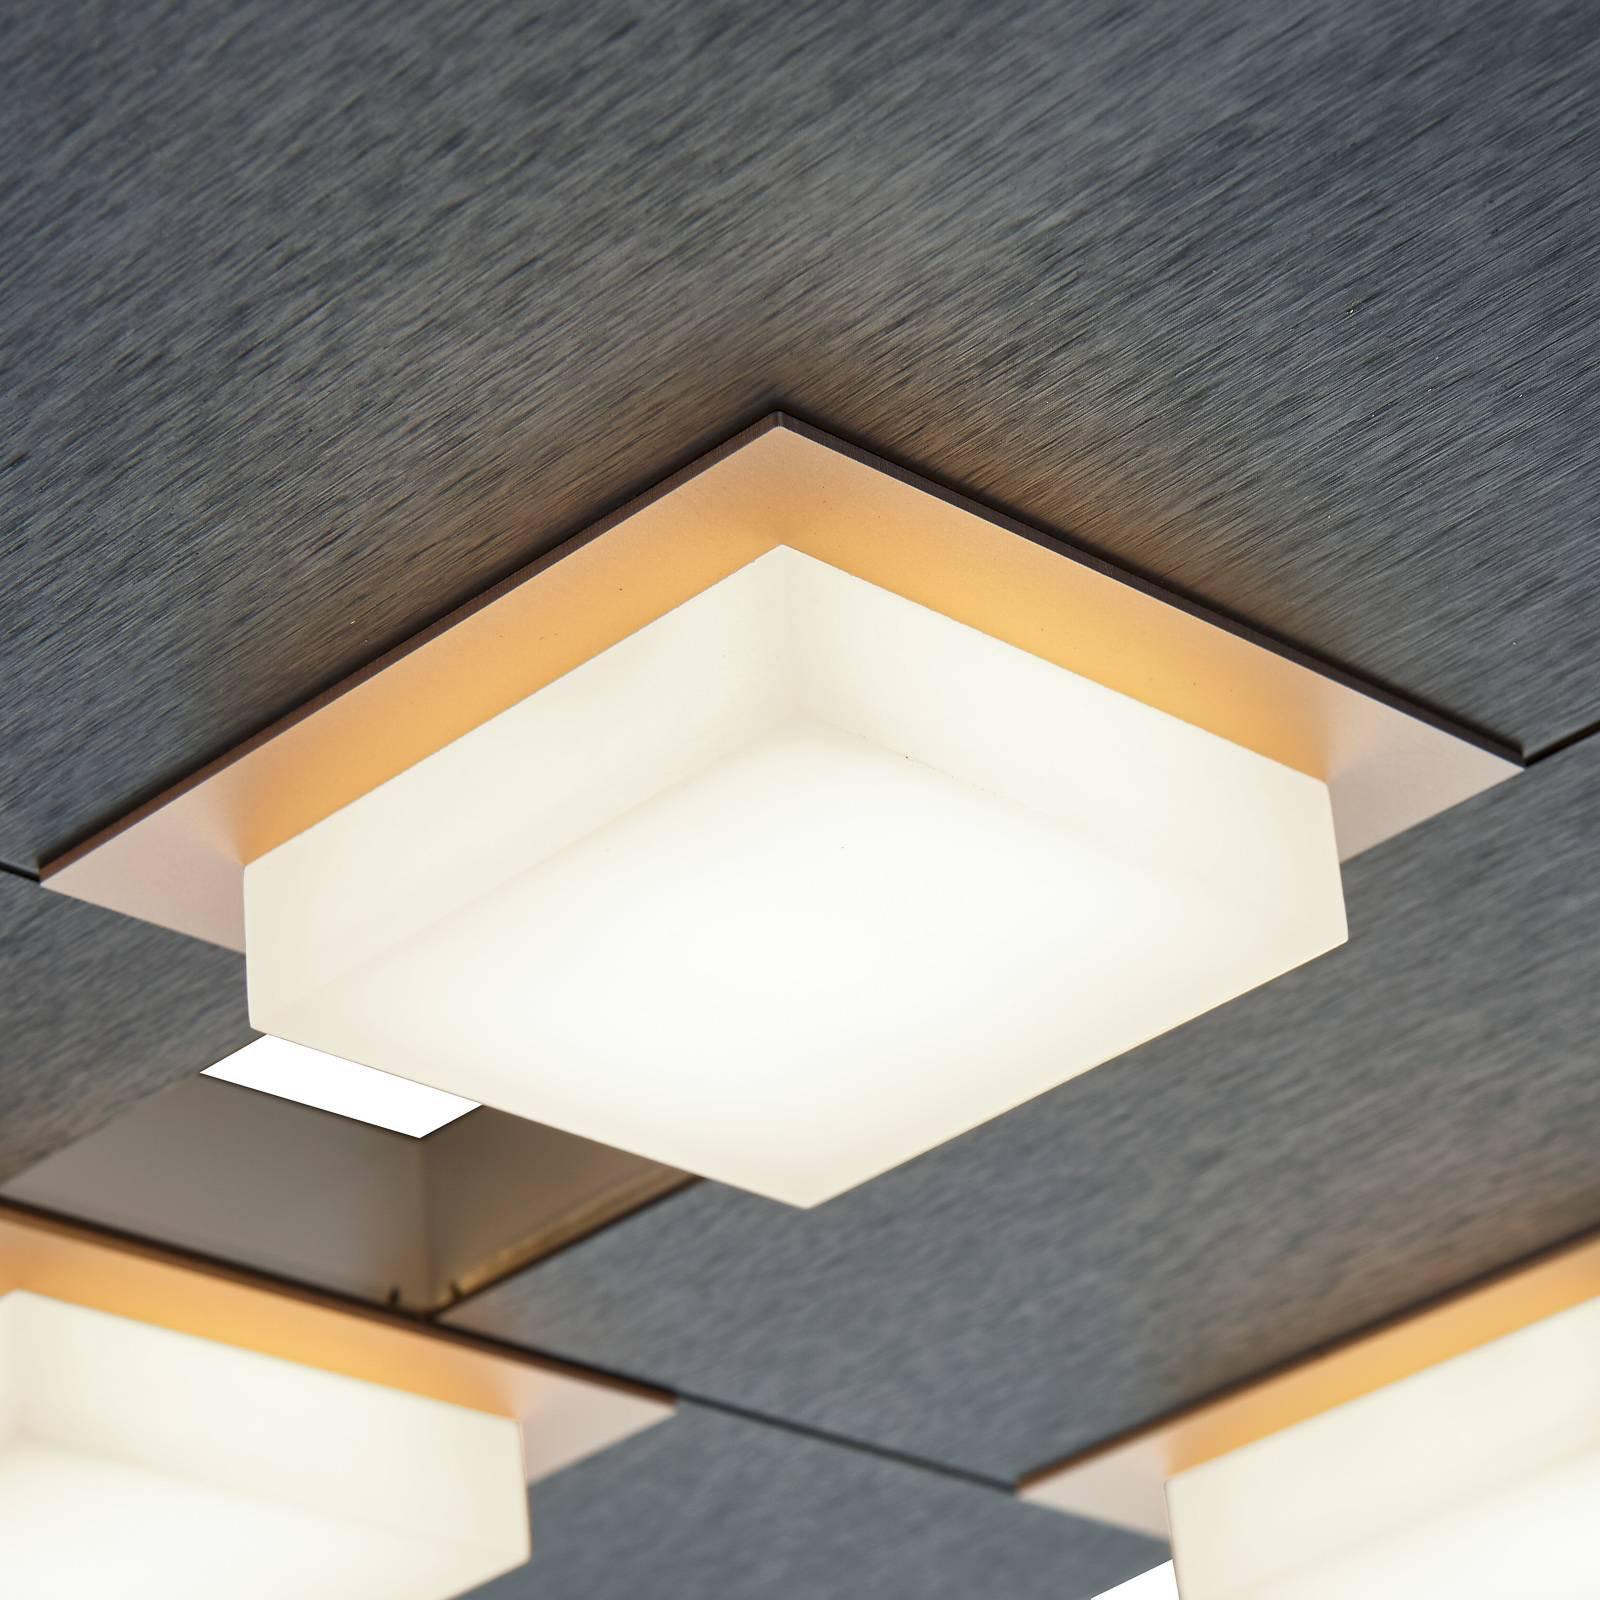 BANKAMP Quadro LED-taklampe 32 W antrasitt